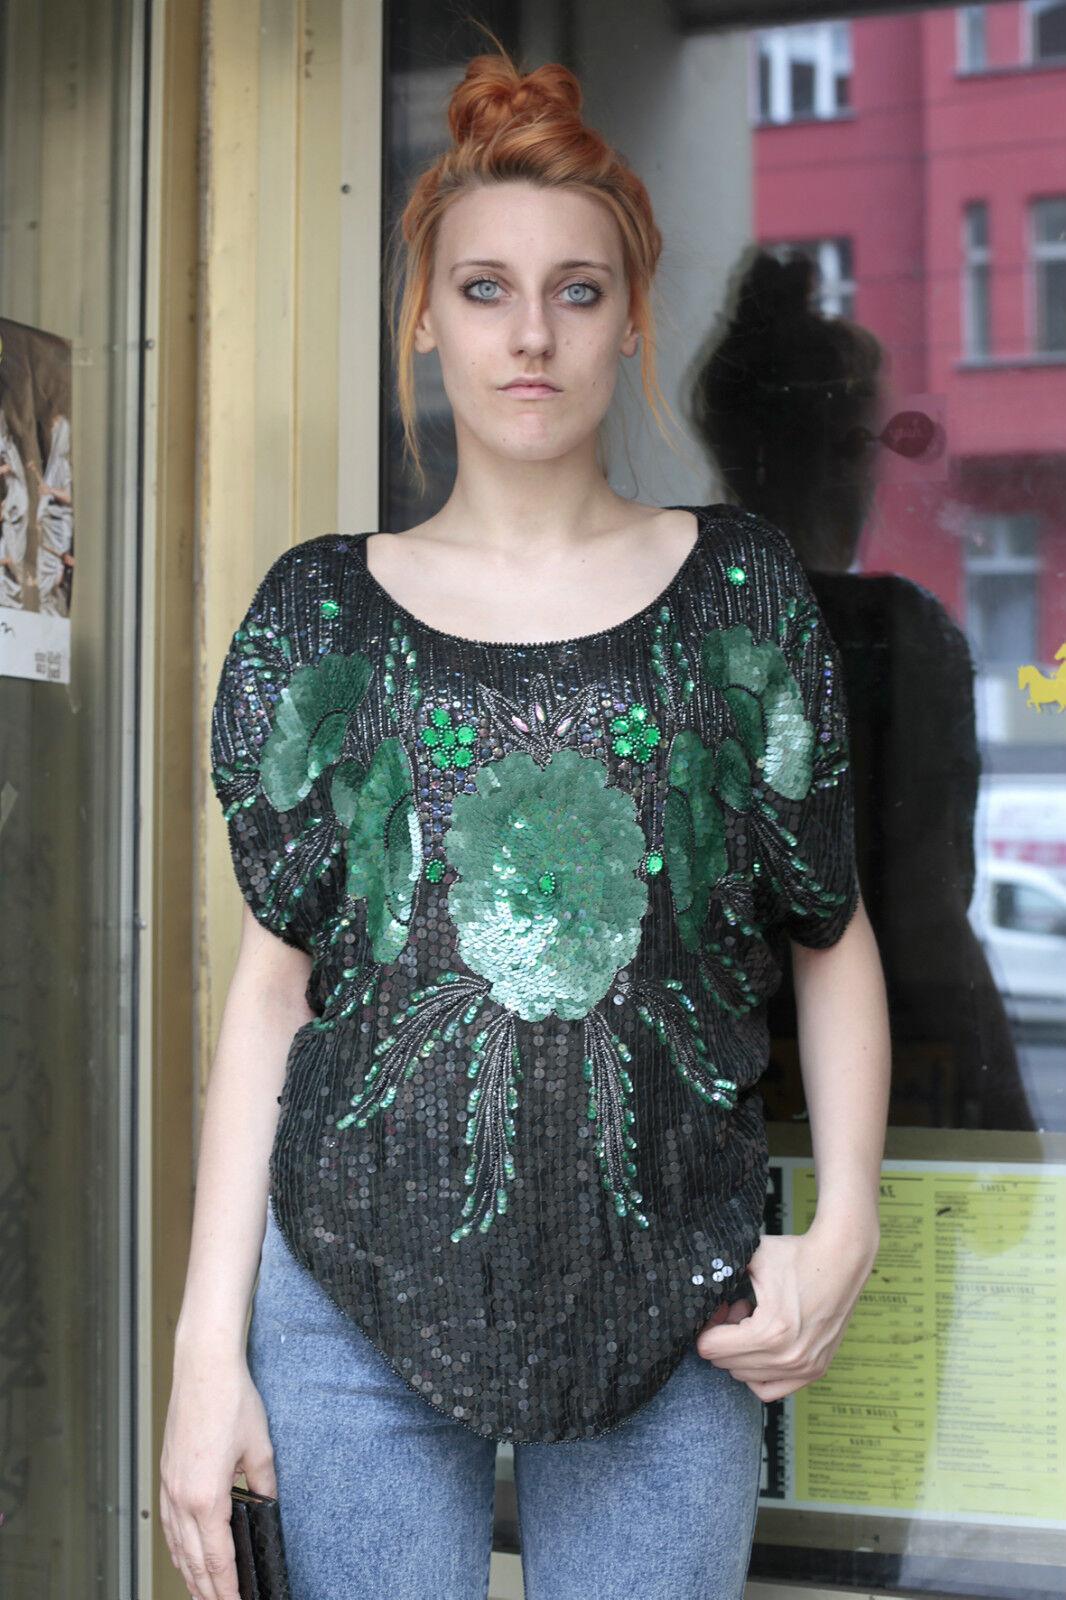 Damen Pailletten Shirt Top schwarz grün 40 schwarz 80er True VINTAGE 80s damen